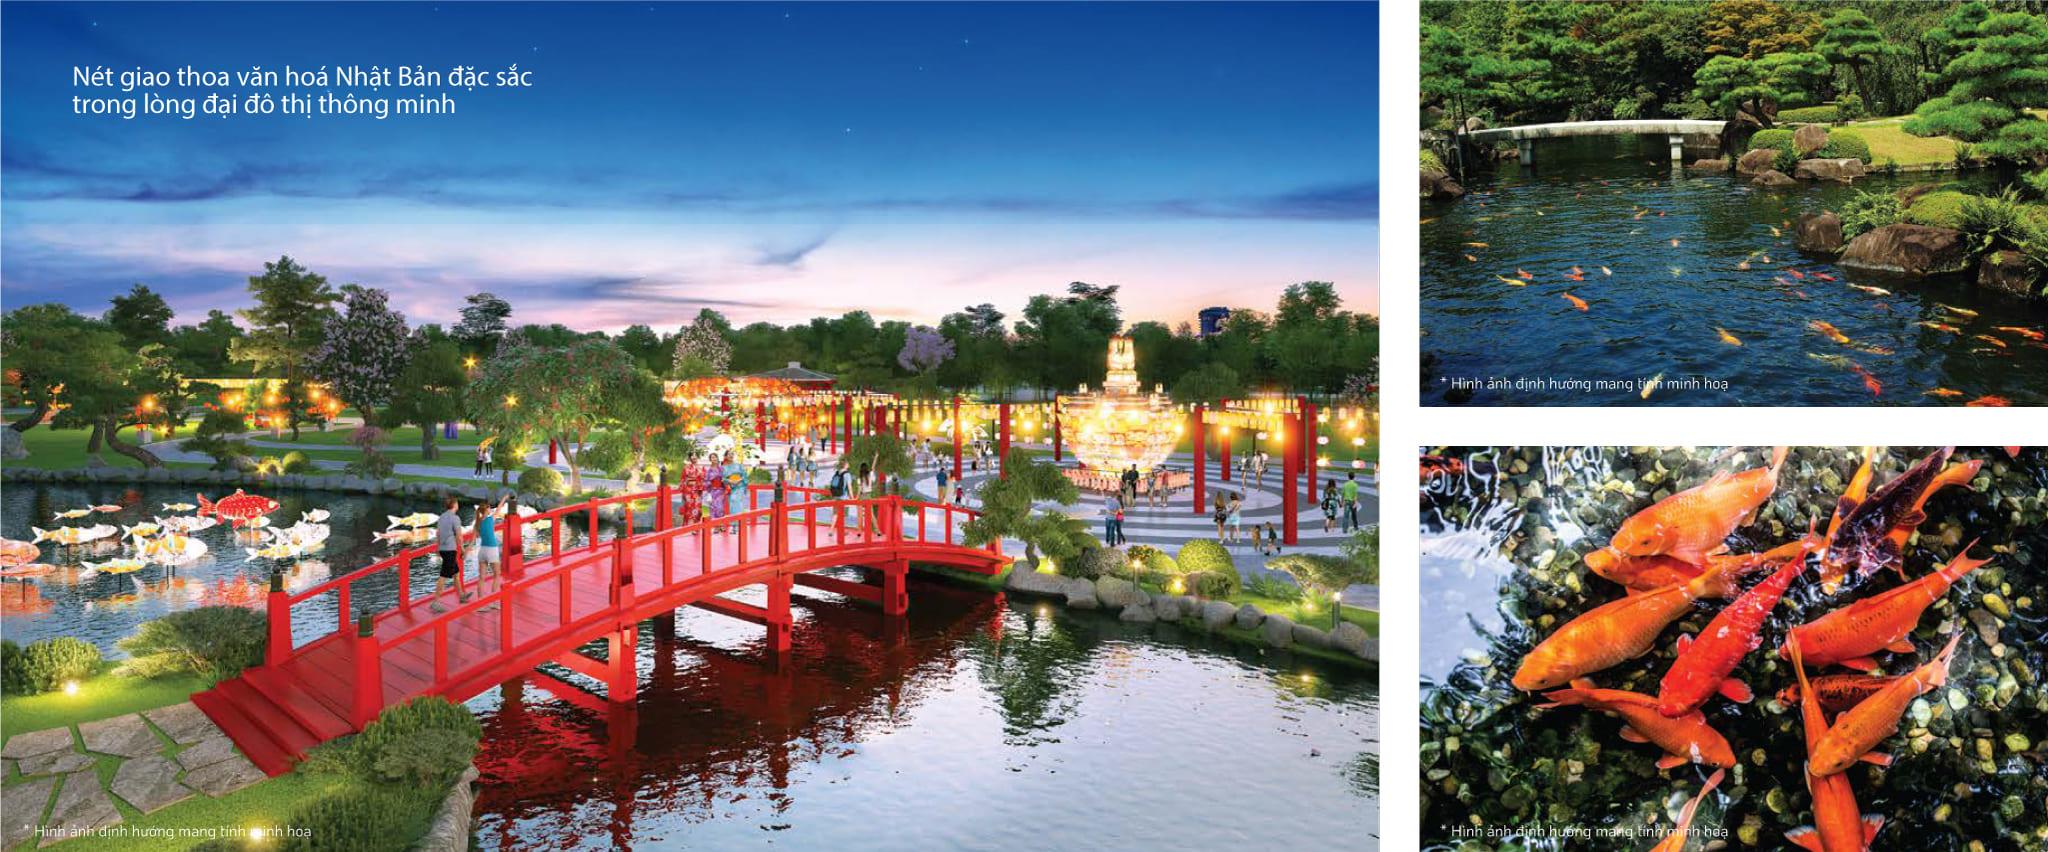 cảnh quan dự án vinhomes smart city 21